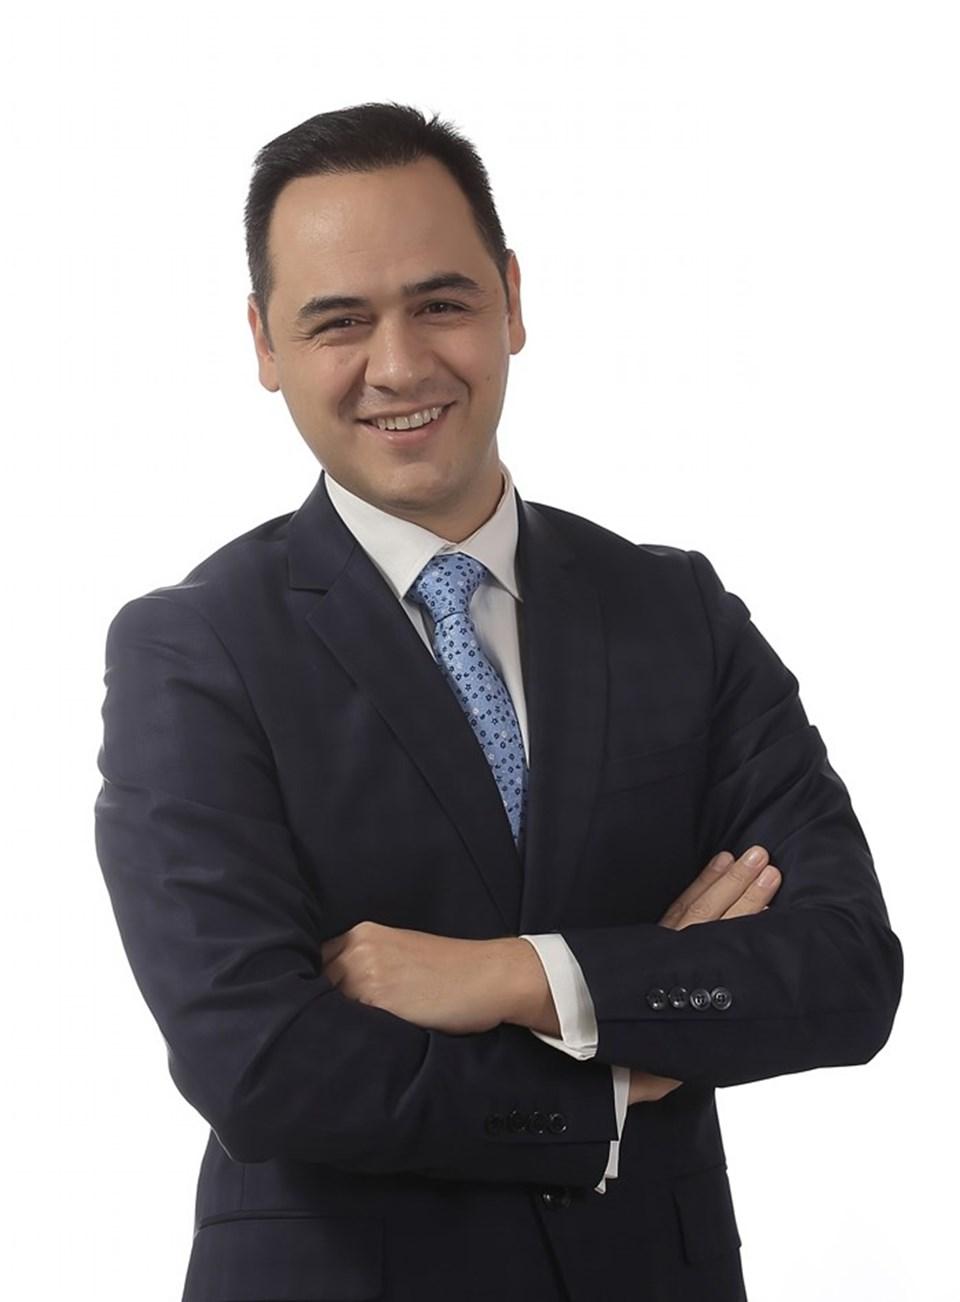 Dr. Mert Demirel